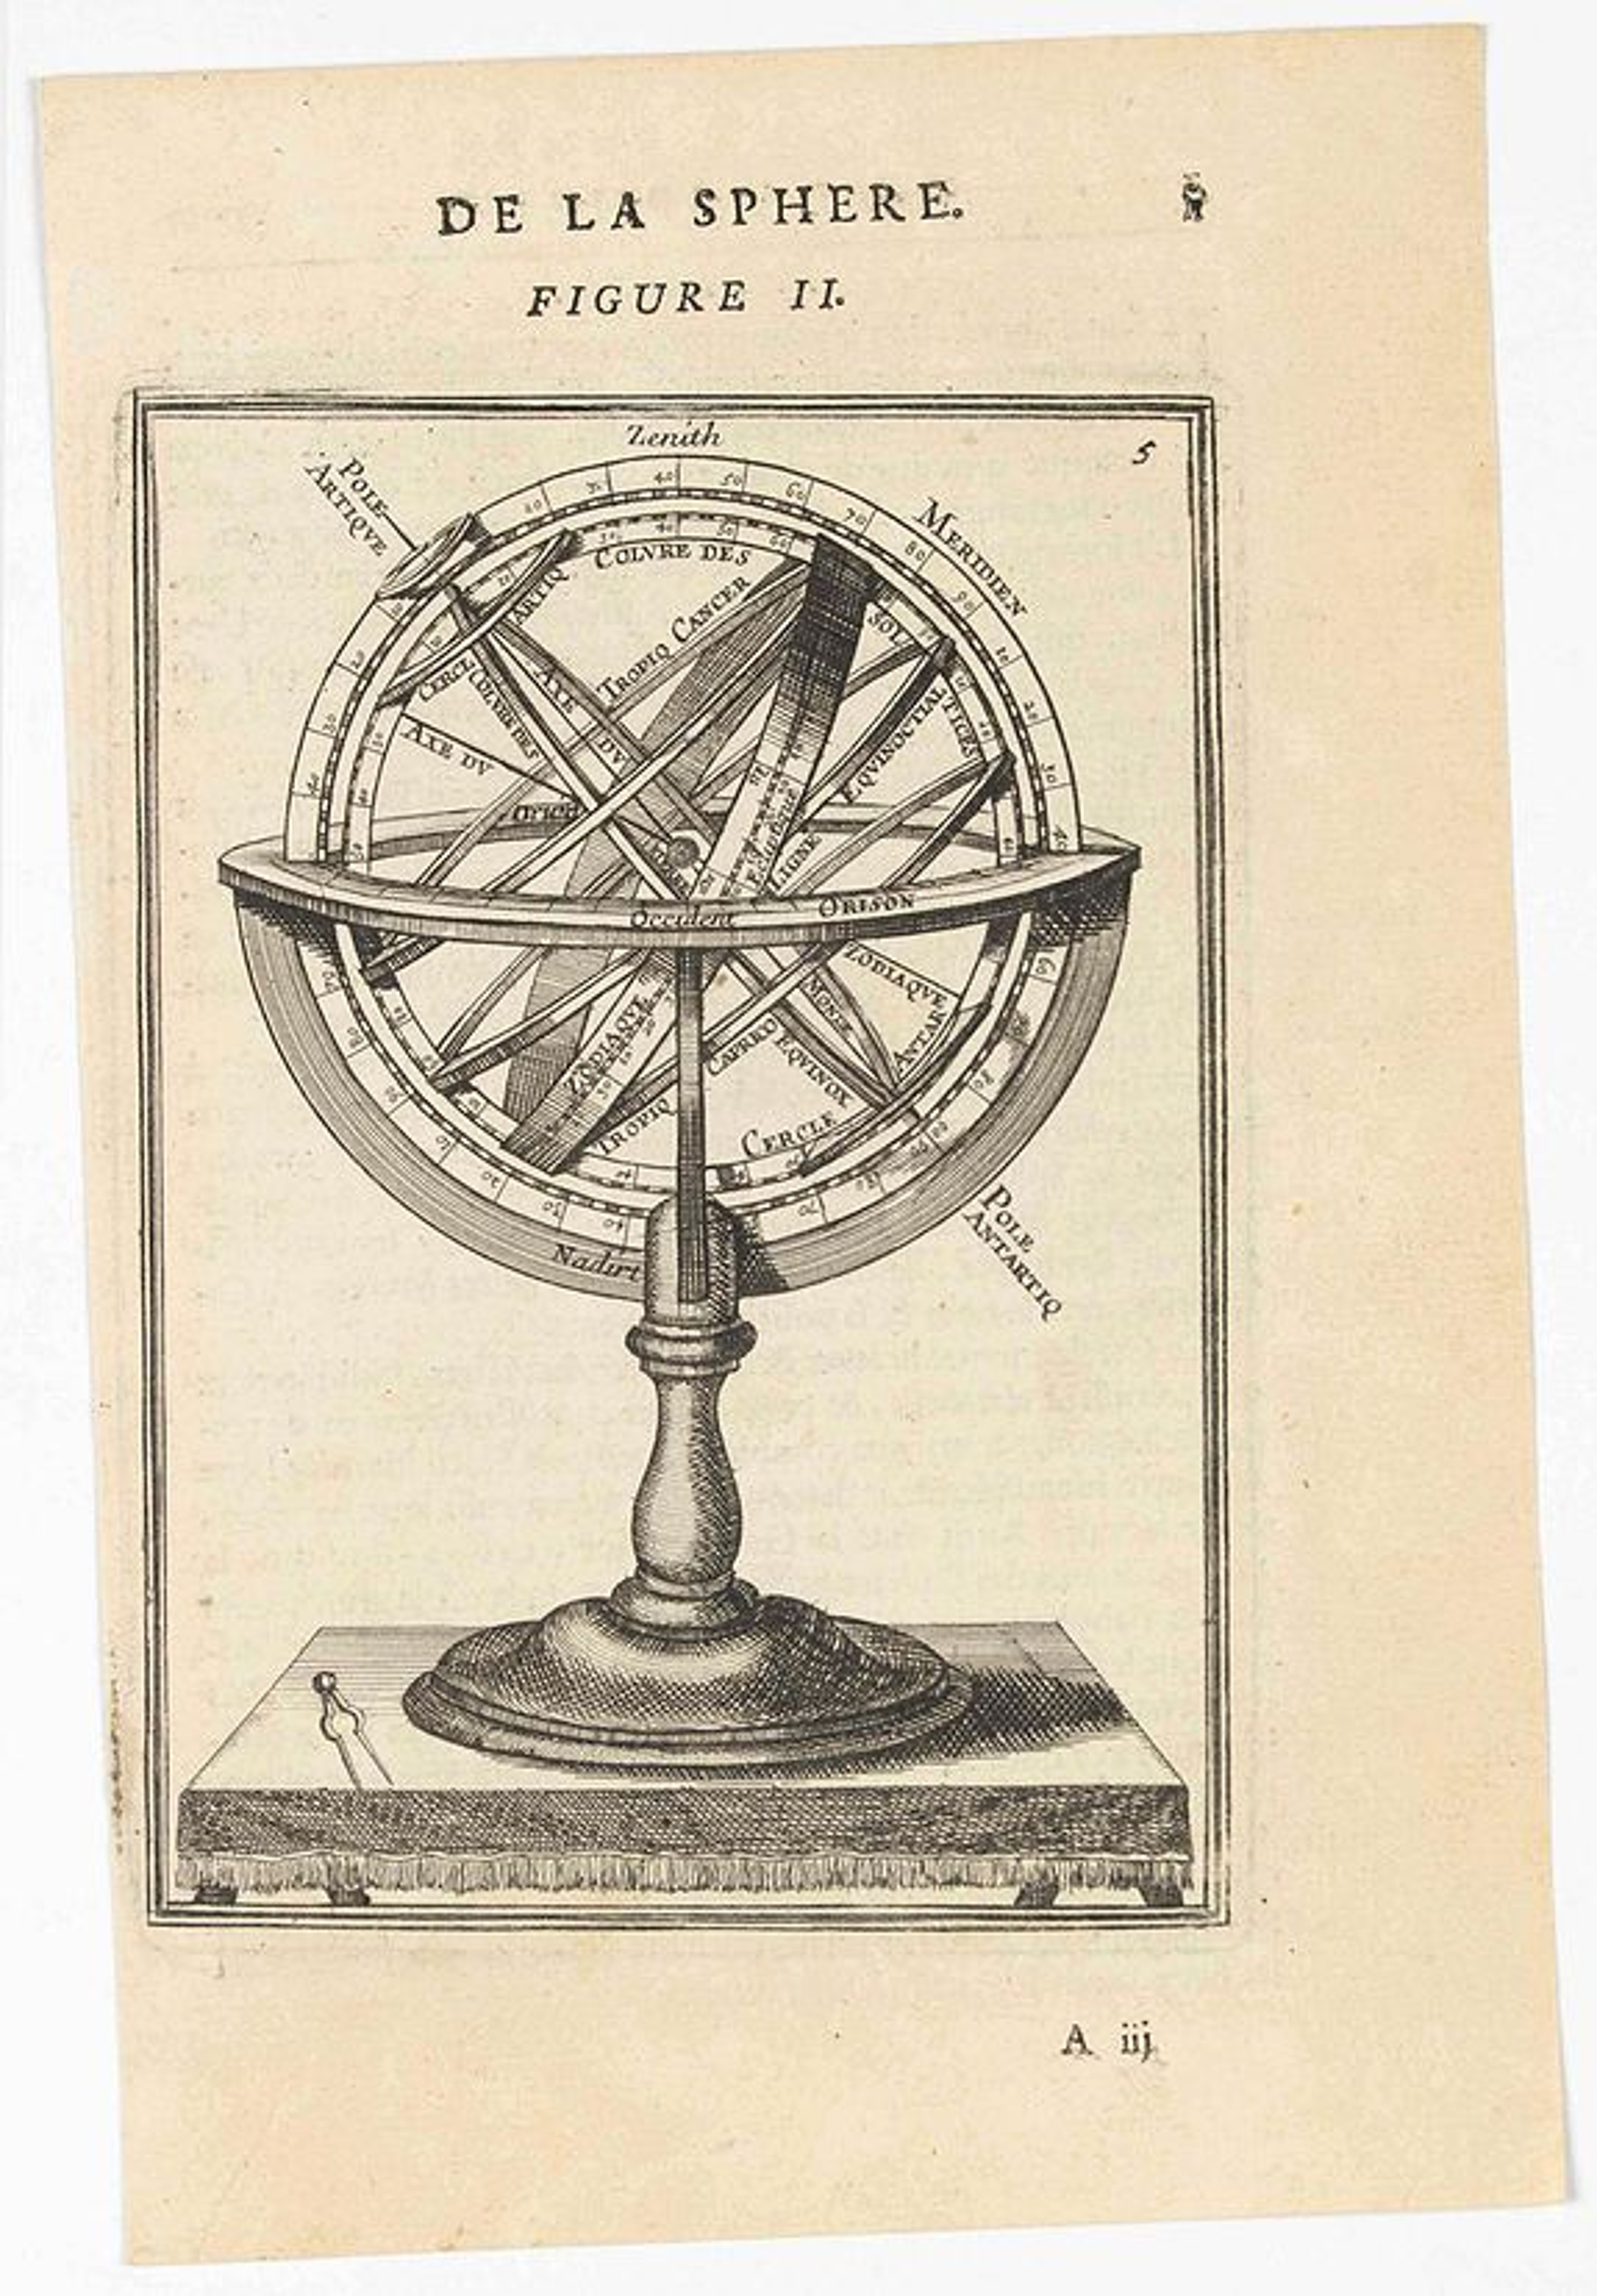 MALLET, A.M. -  DE LA SPHERE. Figure II.